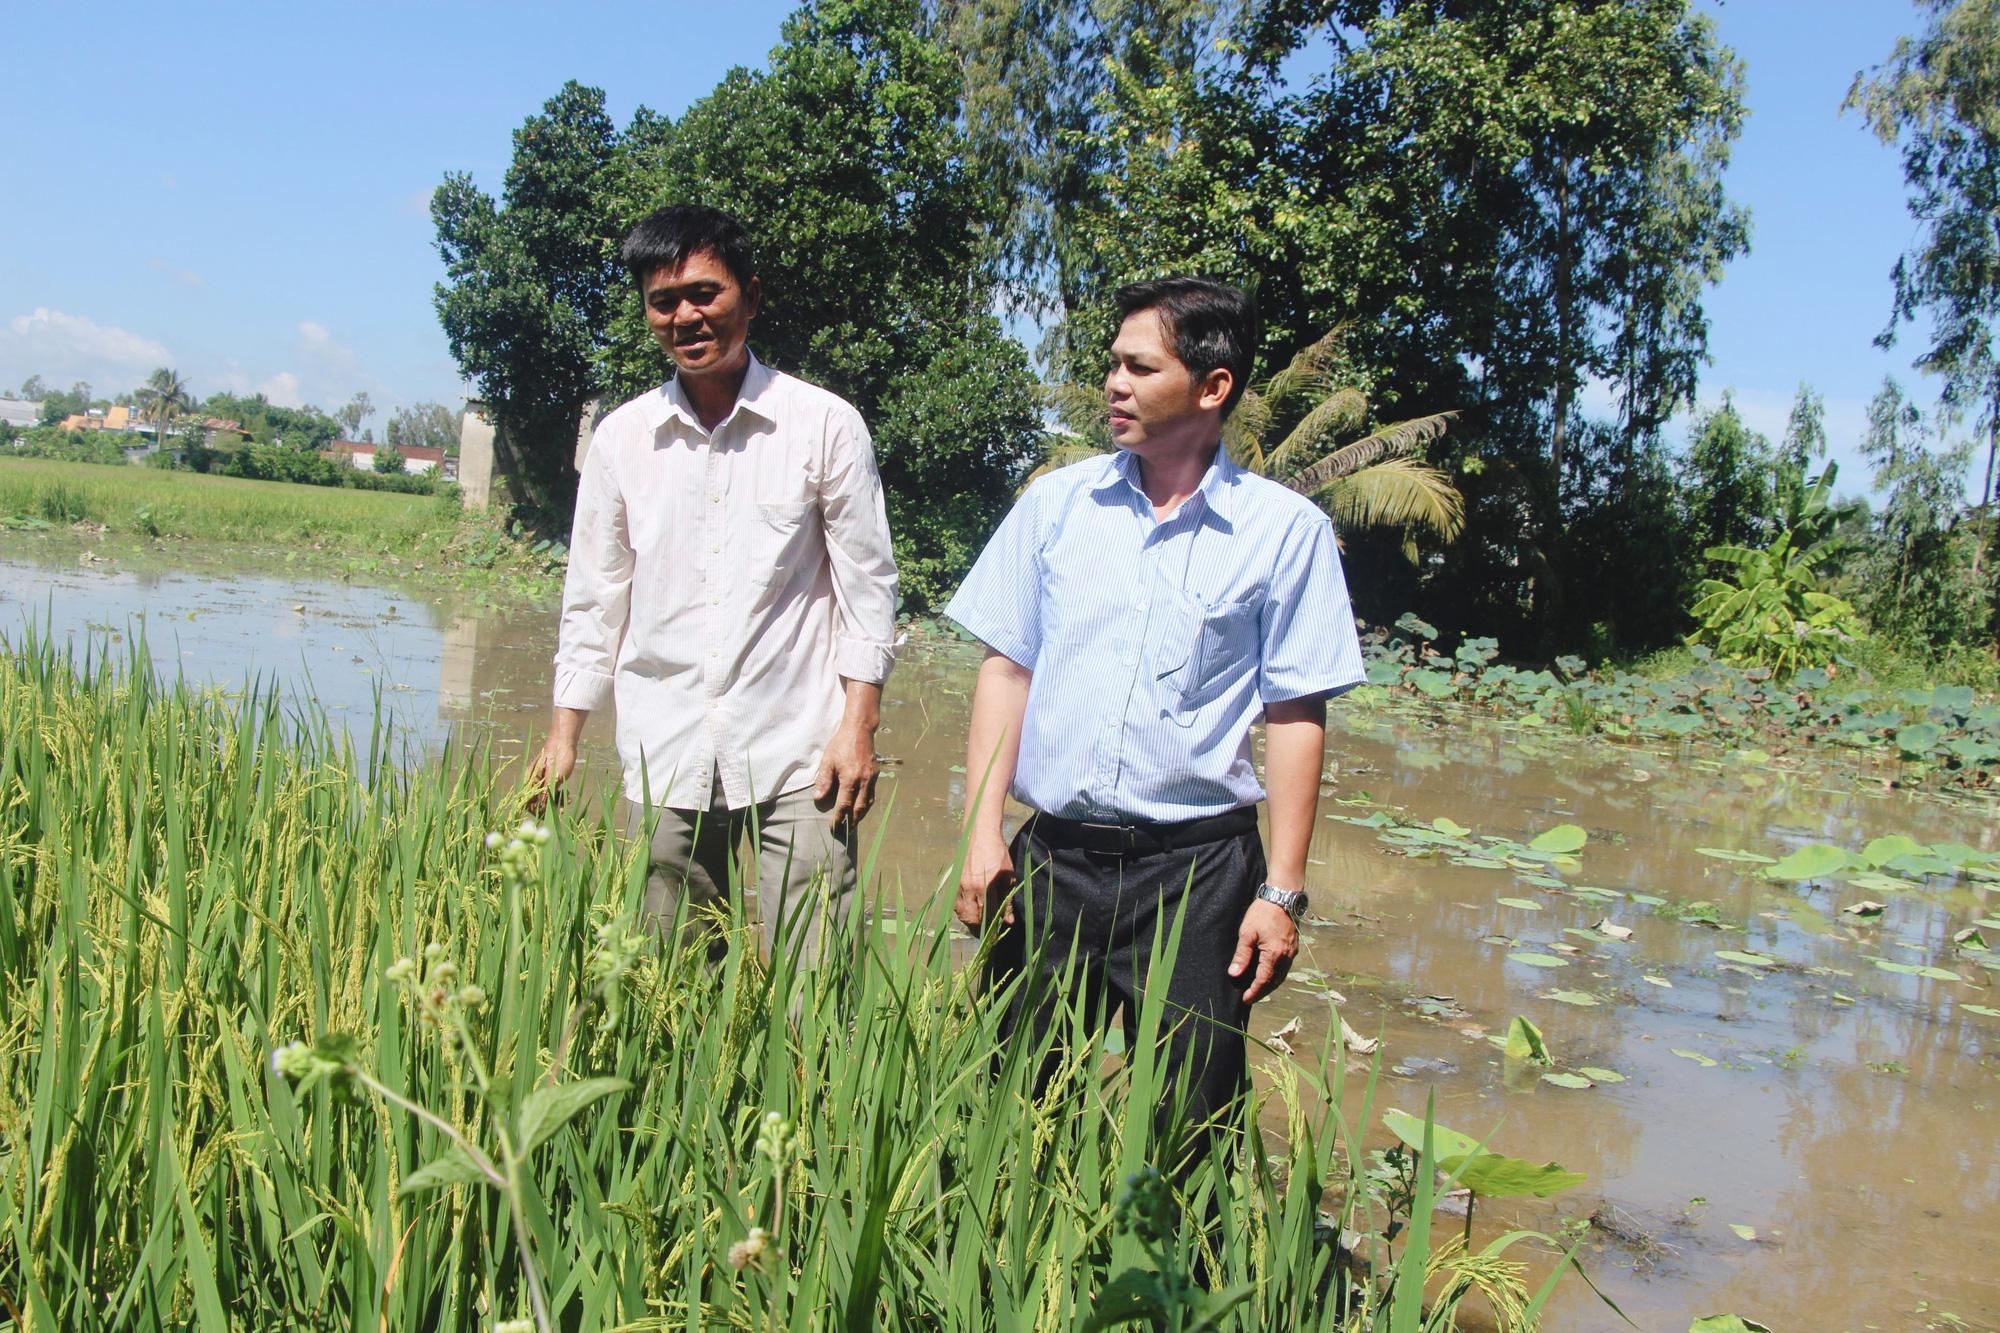 Bí quyết của thầy giáo nghèo trở thành nông dân xuất sắc toàn quốc - Ảnh 5.